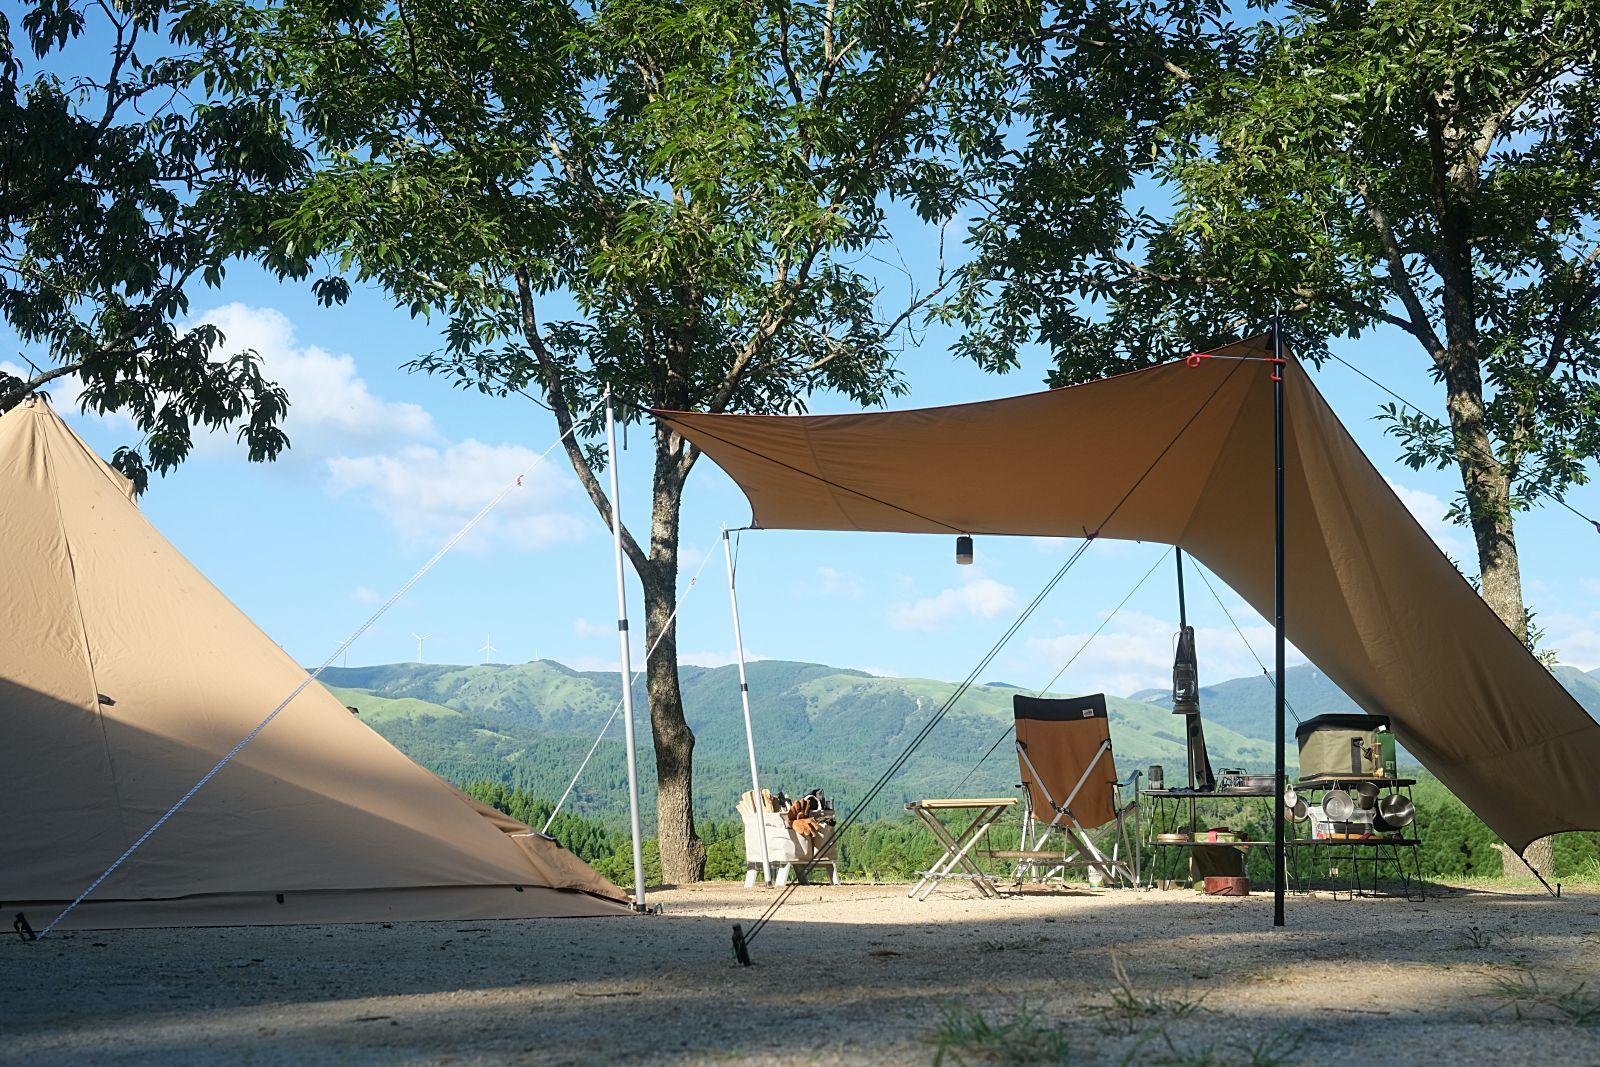 熊本県阿蘇郡南小国町でキャンプ。_a0129474_20581181.jpg